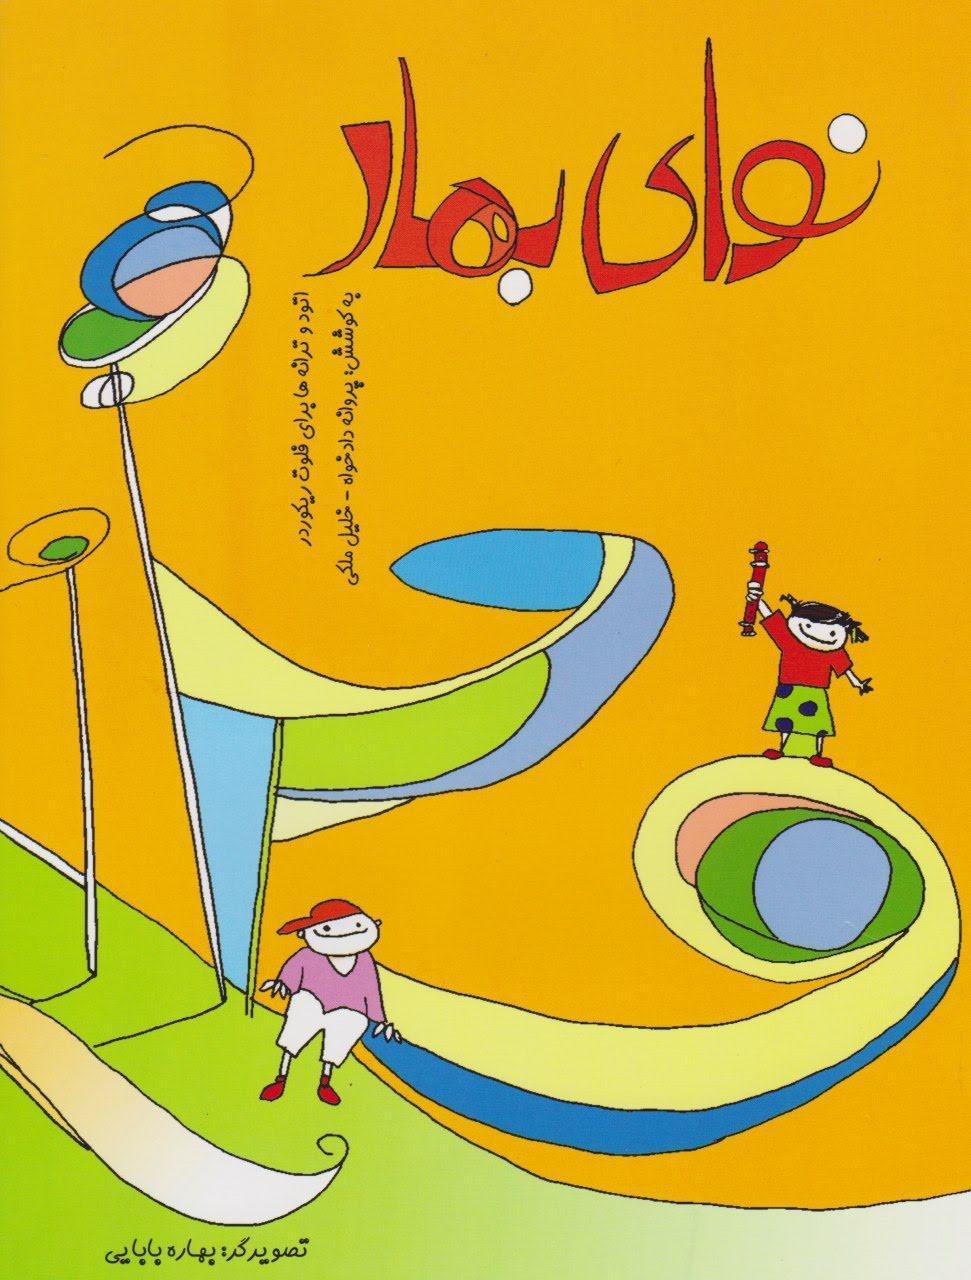 کتاب نوای بهار برای فلوت ریکوردر پروانه دادخواه خلیل ملکی انتشارات گلبن